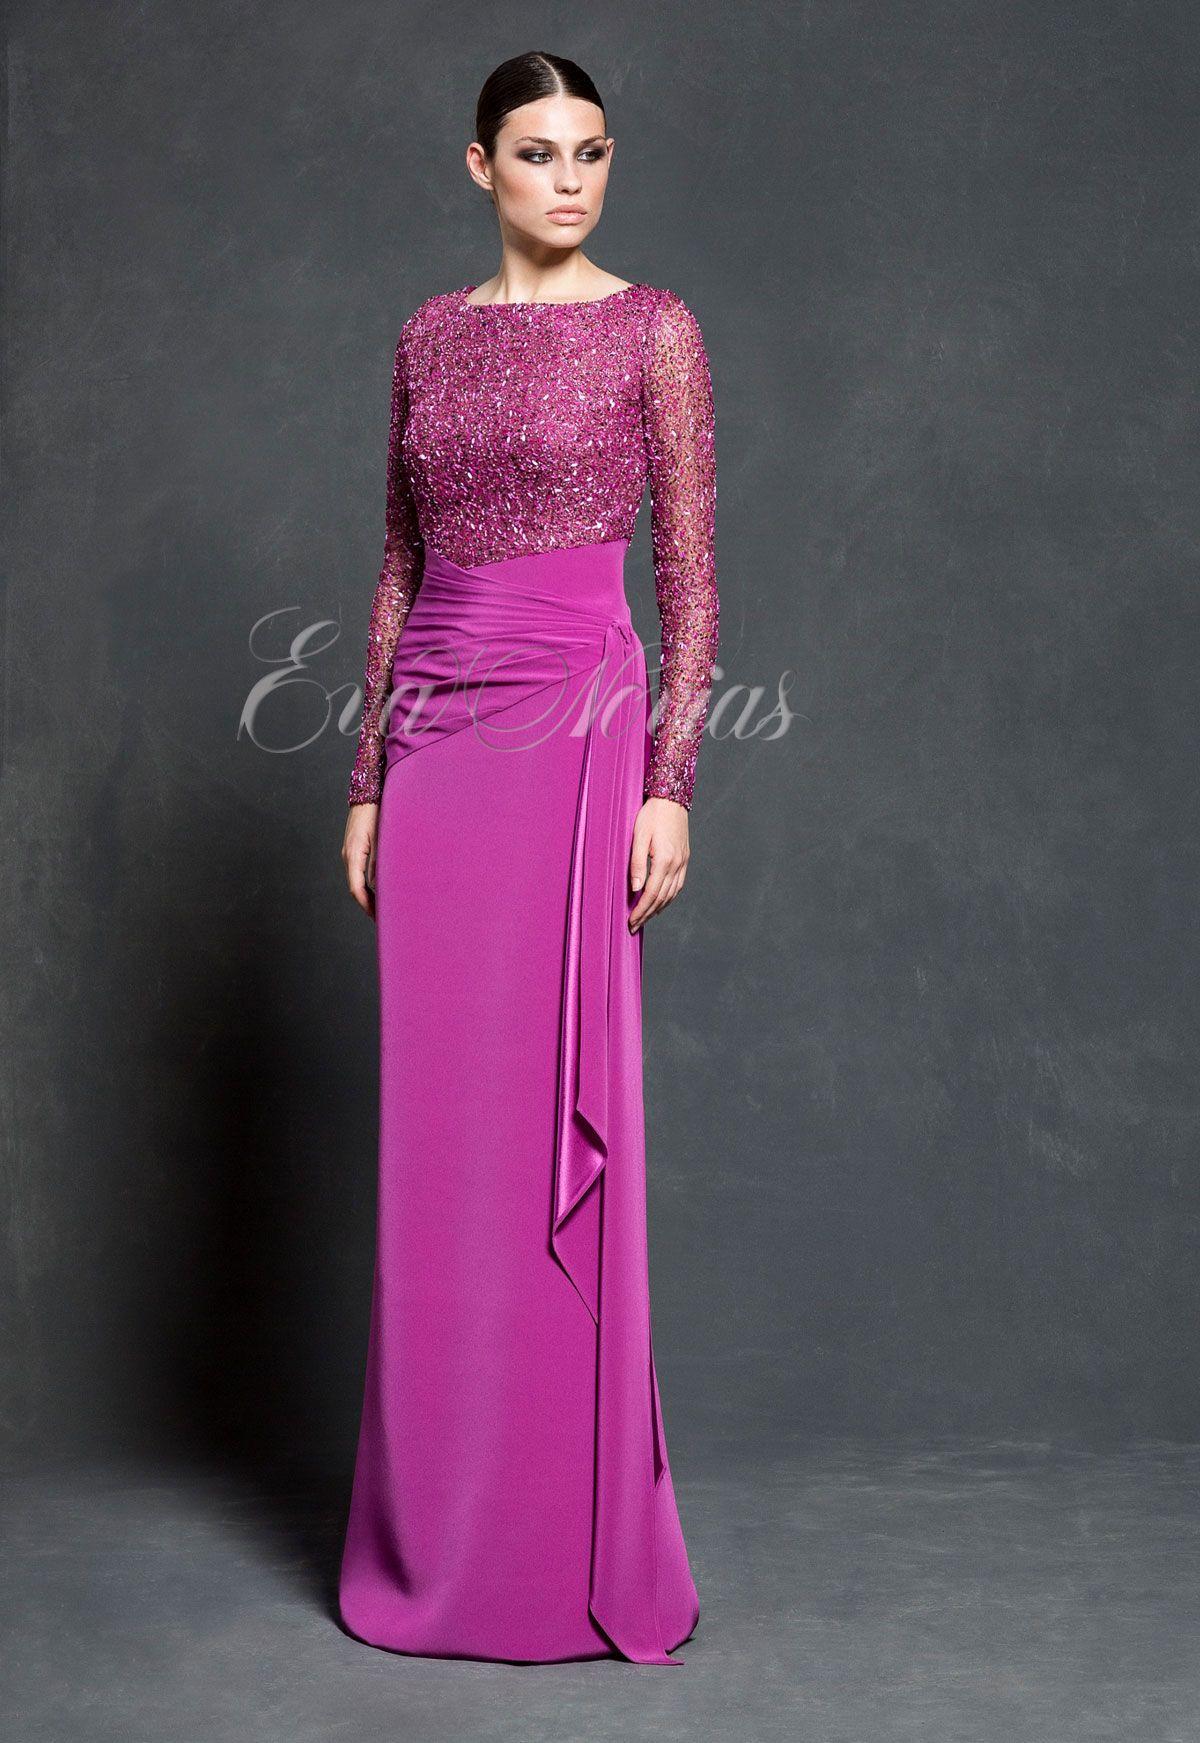 Vestido de fiesta de Vicky Martín Berrocal colección 2016 modelo 401 ...